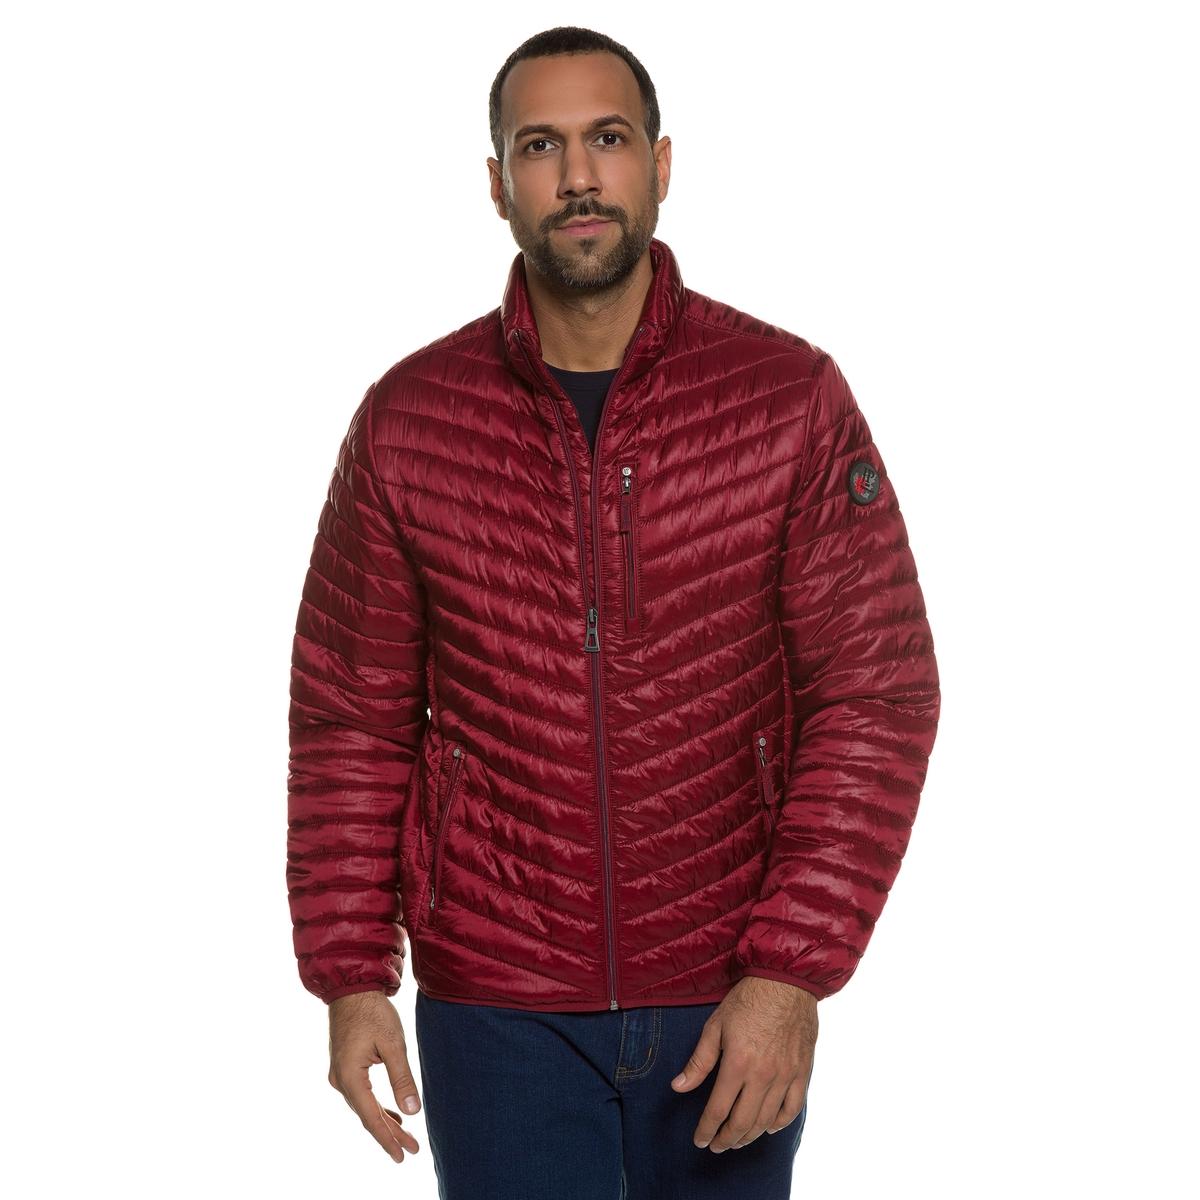 Куртка стеганаяСтеганая куртка JP1880. 100% полиамид. Подкладка: 100% полиамид. Удобная стеганая куртка. Съемный значок на рукаве. Прямой воротник, застёжка на молнию и 2 кармана на молнии. Эластичные края рукавов и низа. Длина в зависимости от размера от 70 до  79,5 см<br><br>Цвет: красный темный<br>Размер: L.7XL